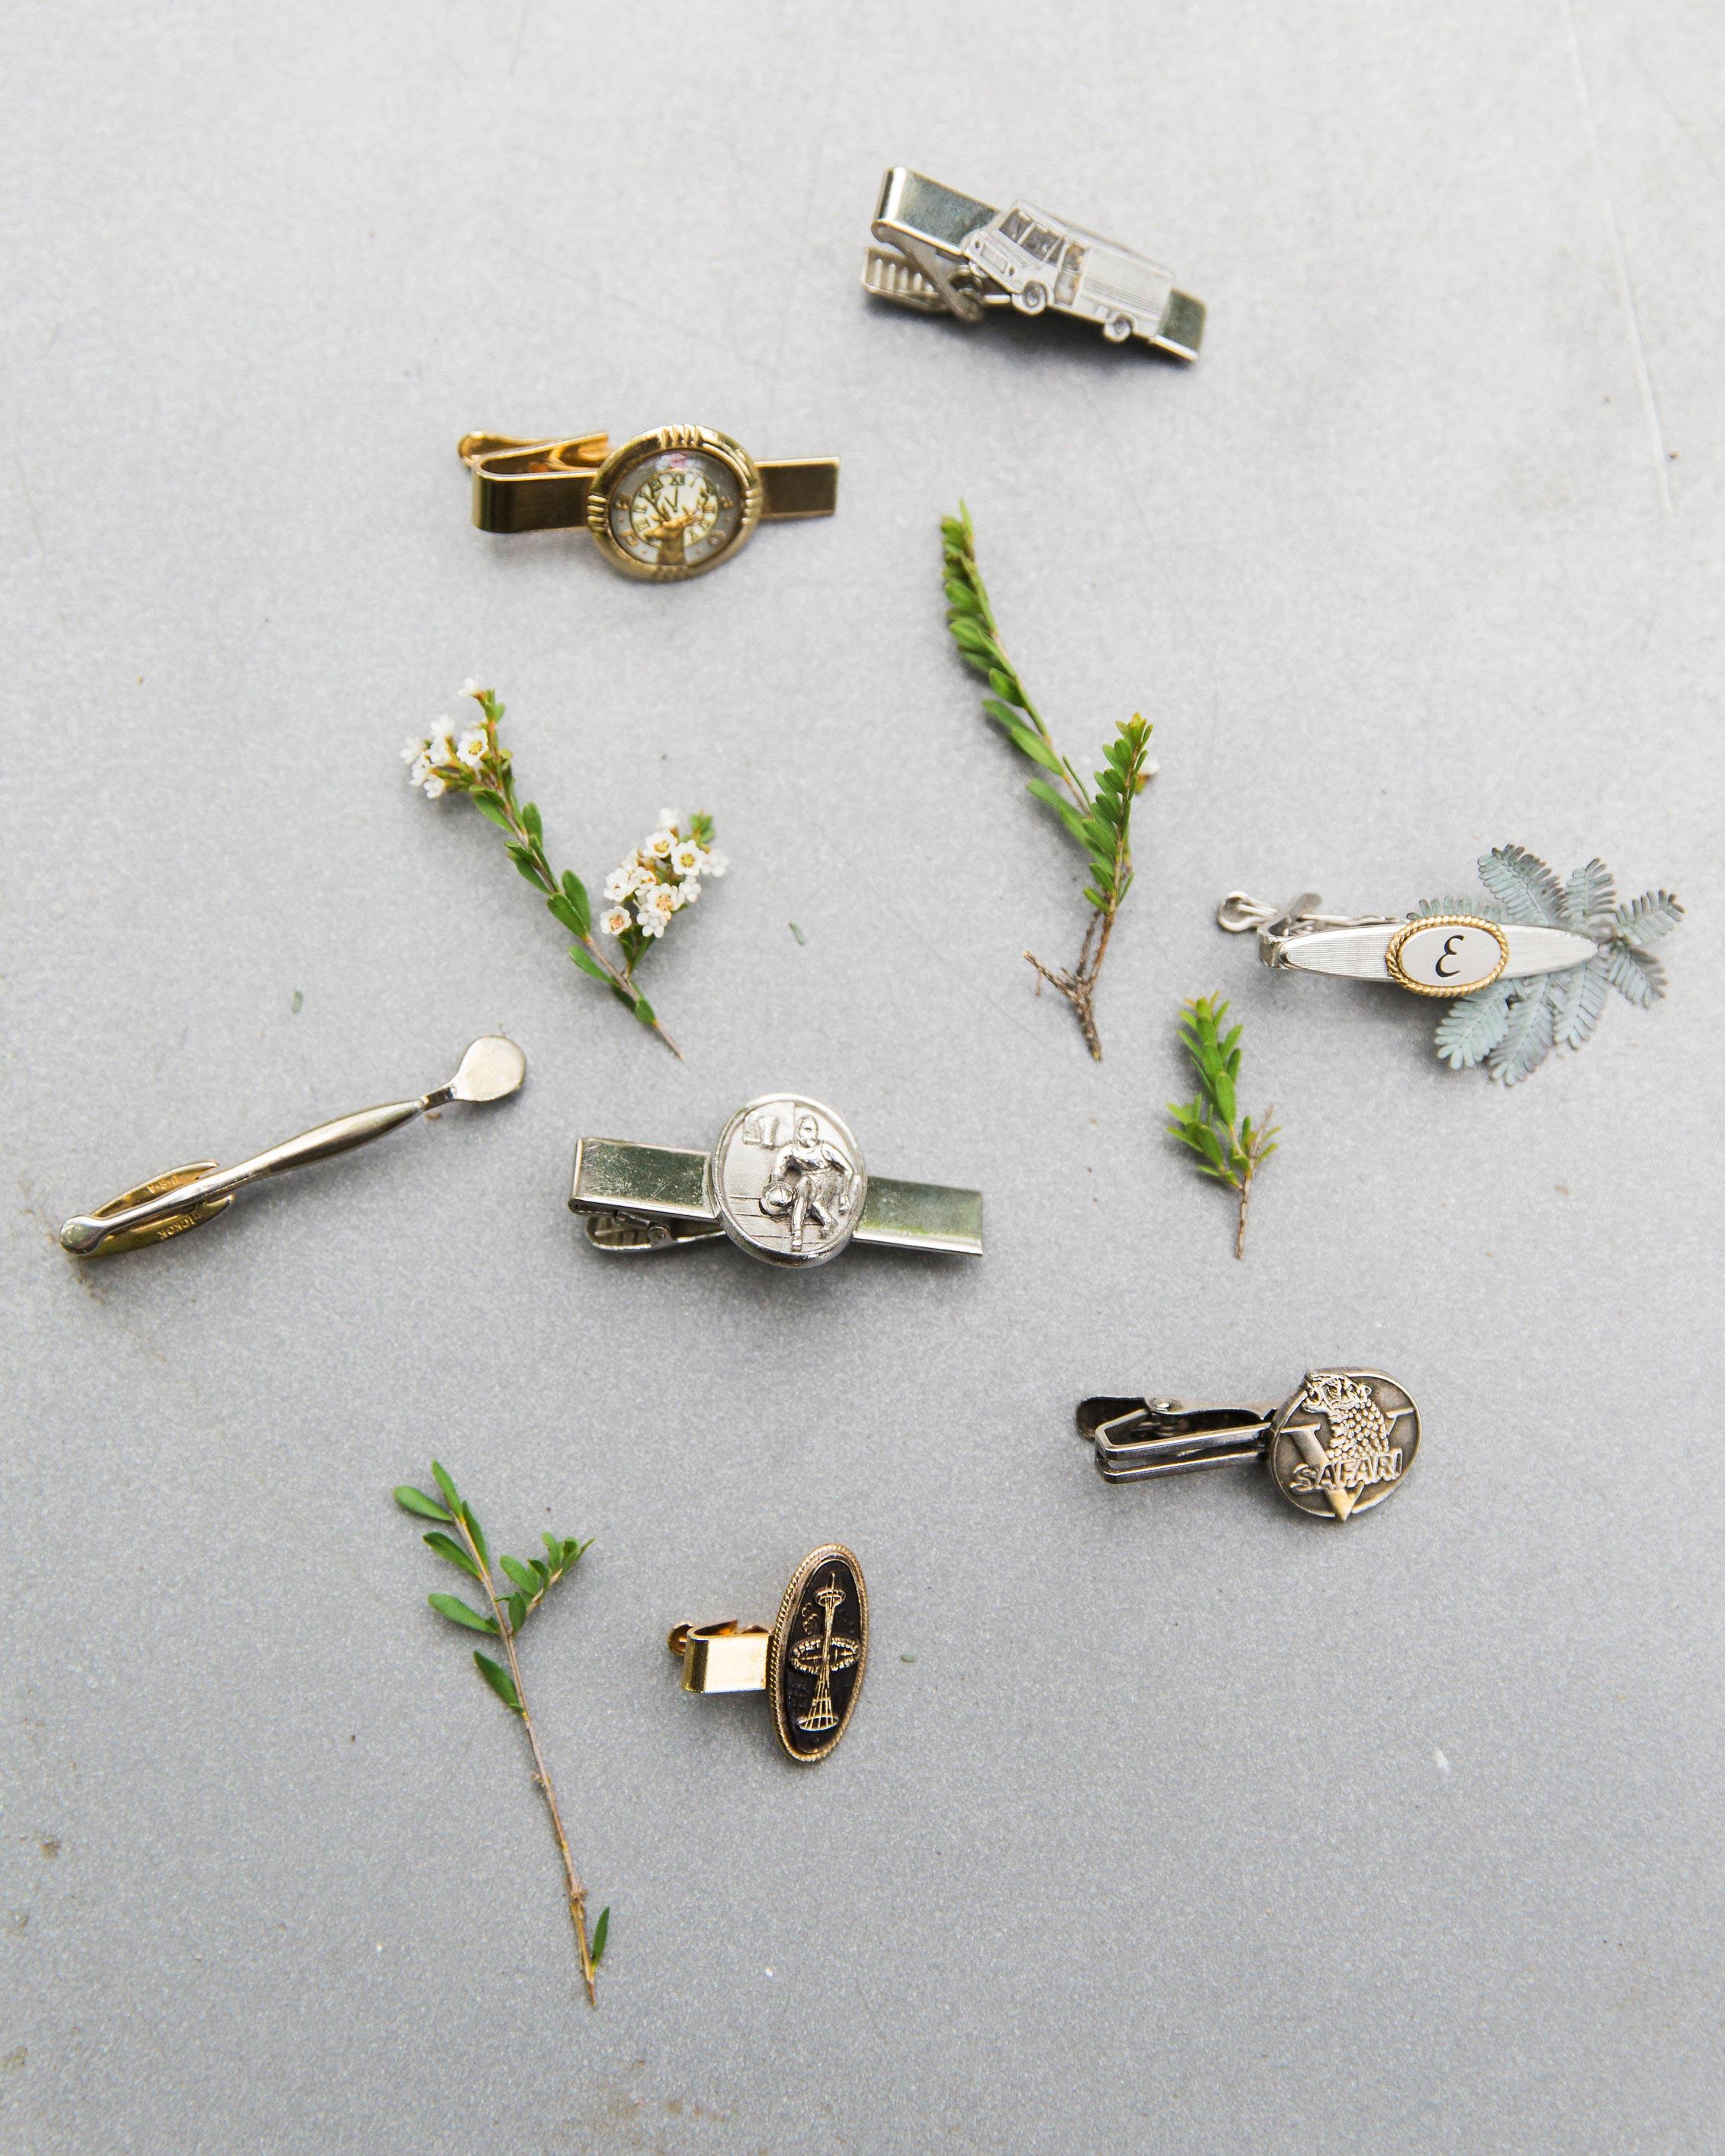 wedding tie clips